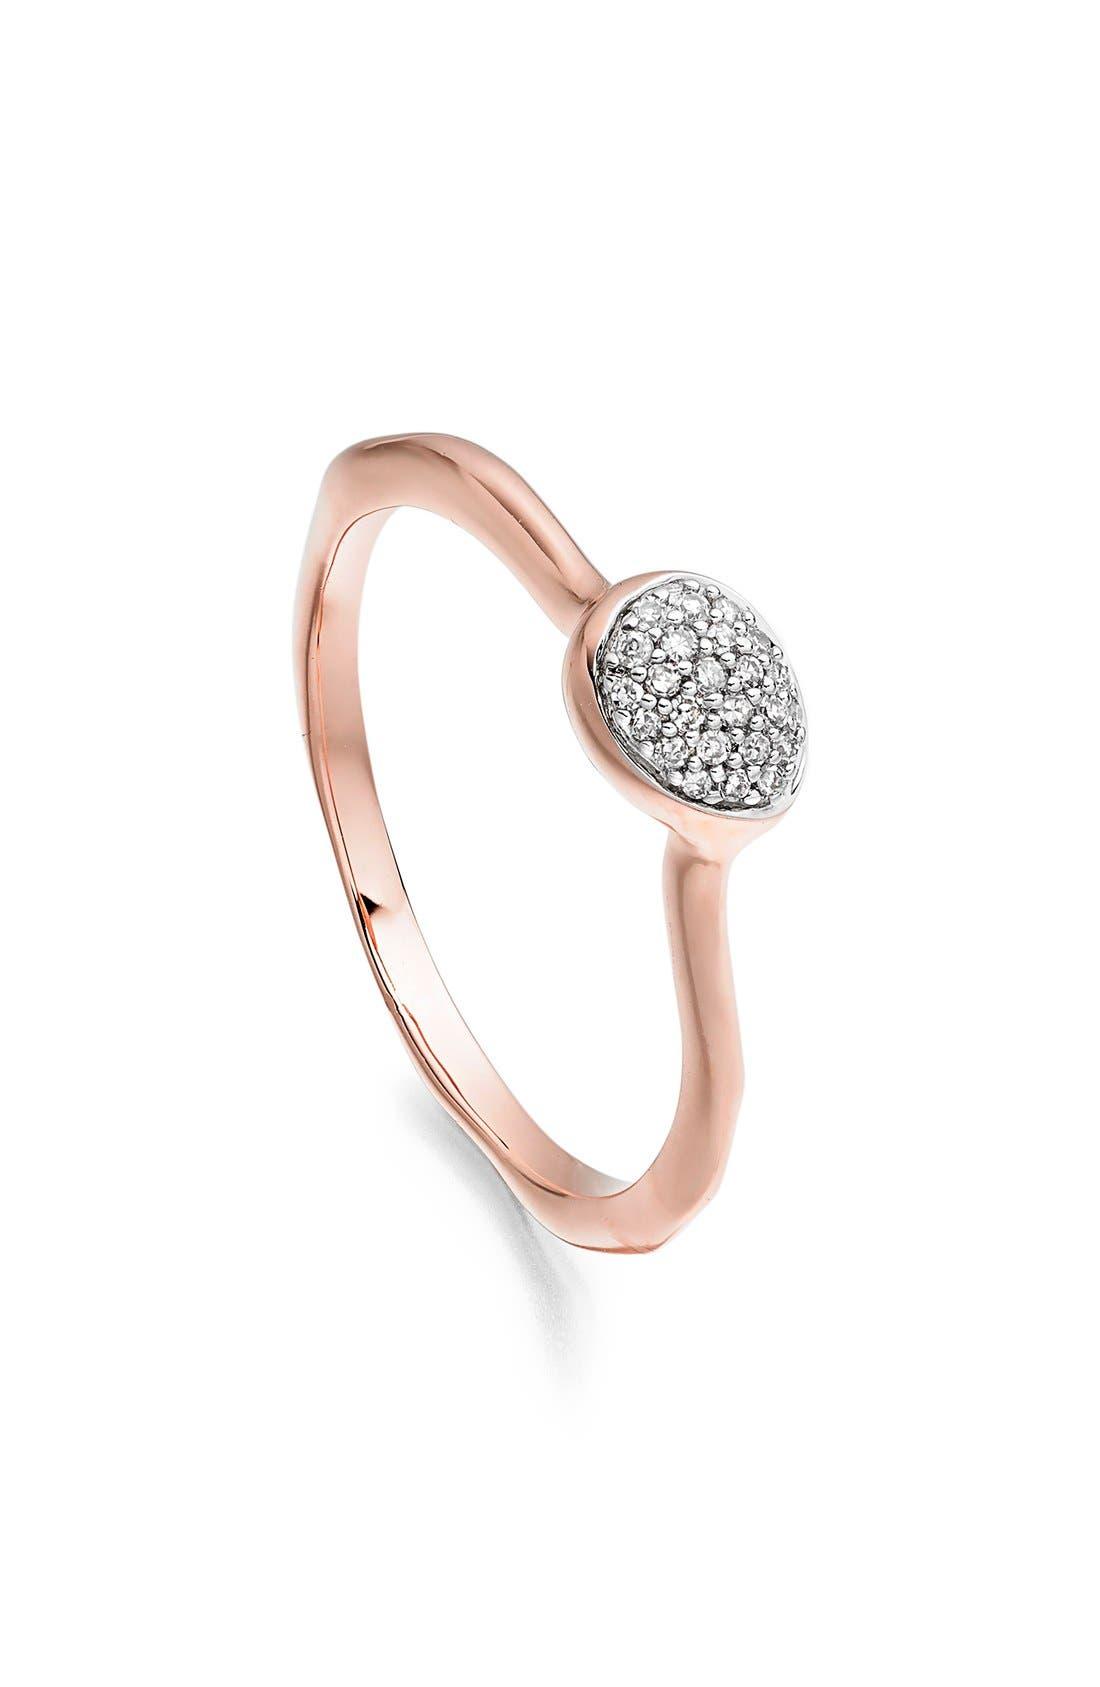 Alternate Image 1 Selected - Monica Vinader 'Siren' Small Pavé Diamond Stacking Ring